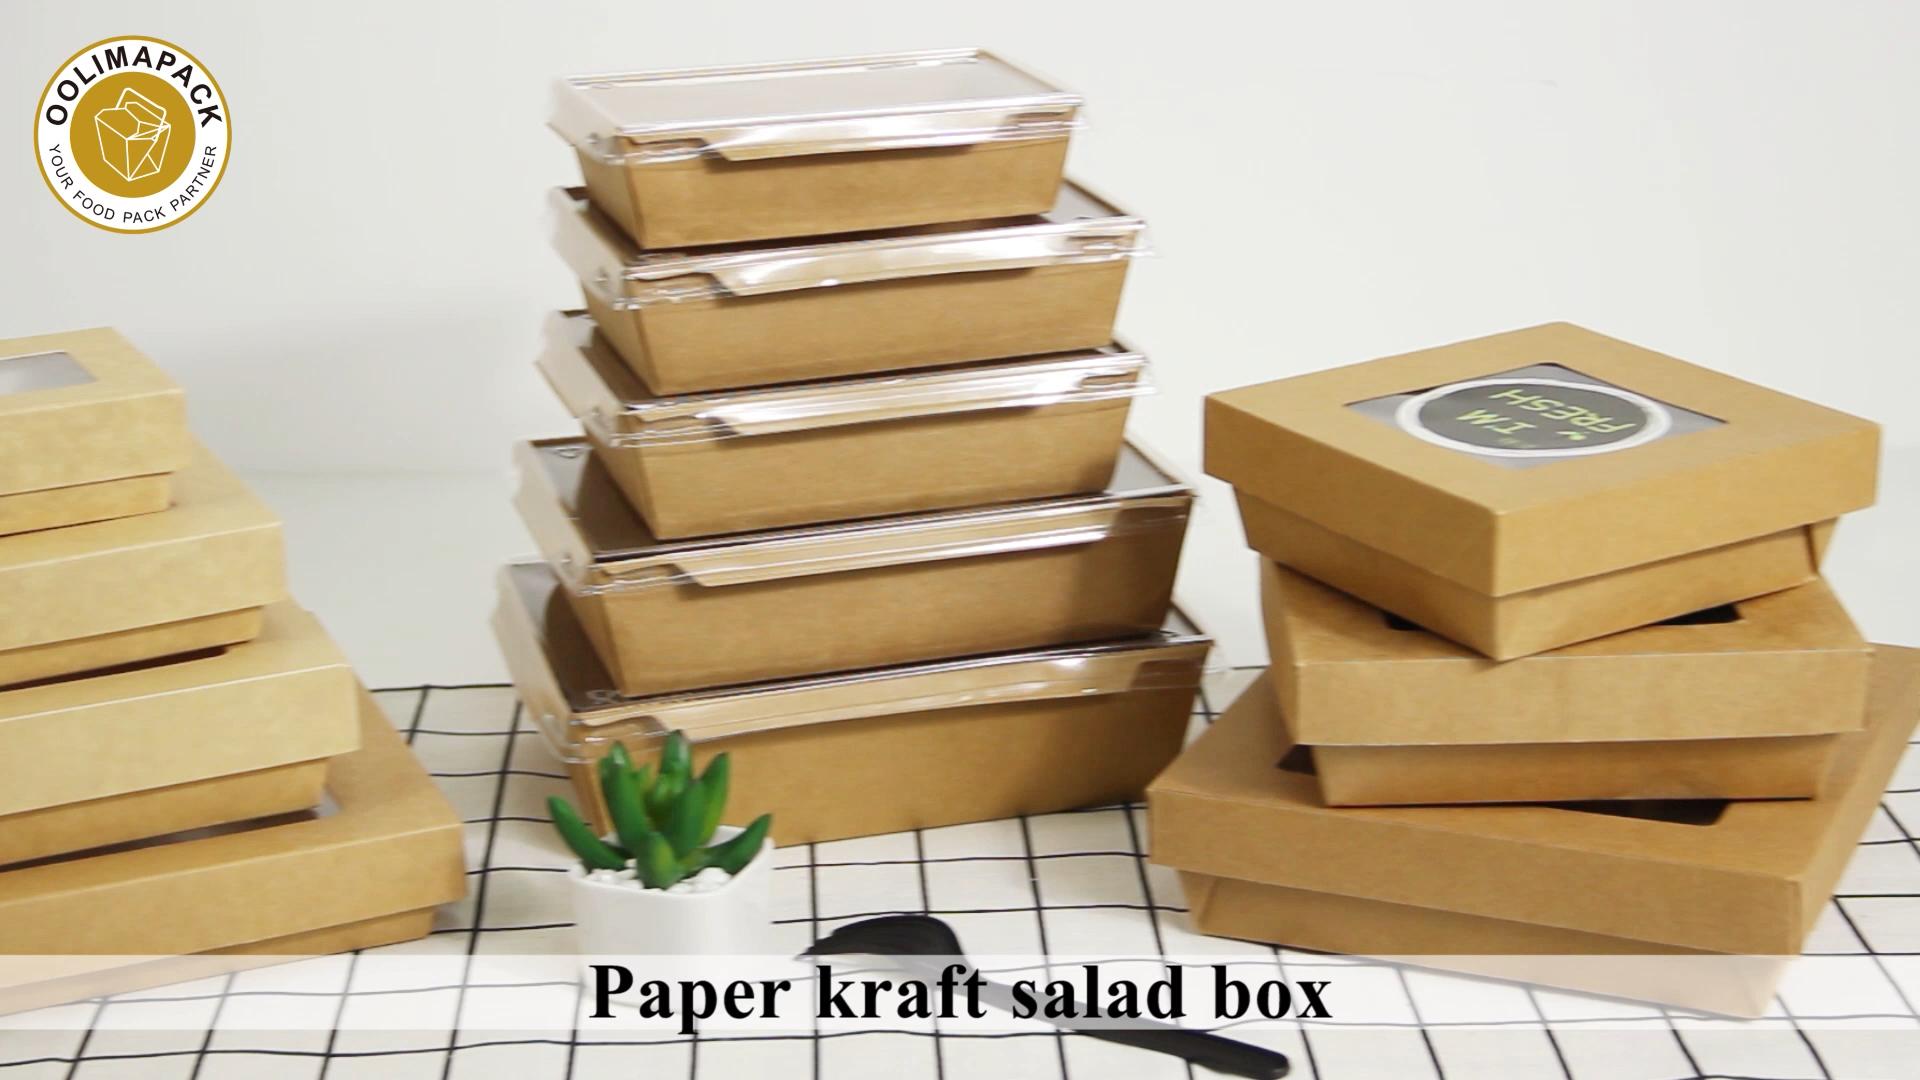 À emporter jetables salade boîte, emballage alimentaire boîtes en carton avec fenêtre, à emporter conteneur